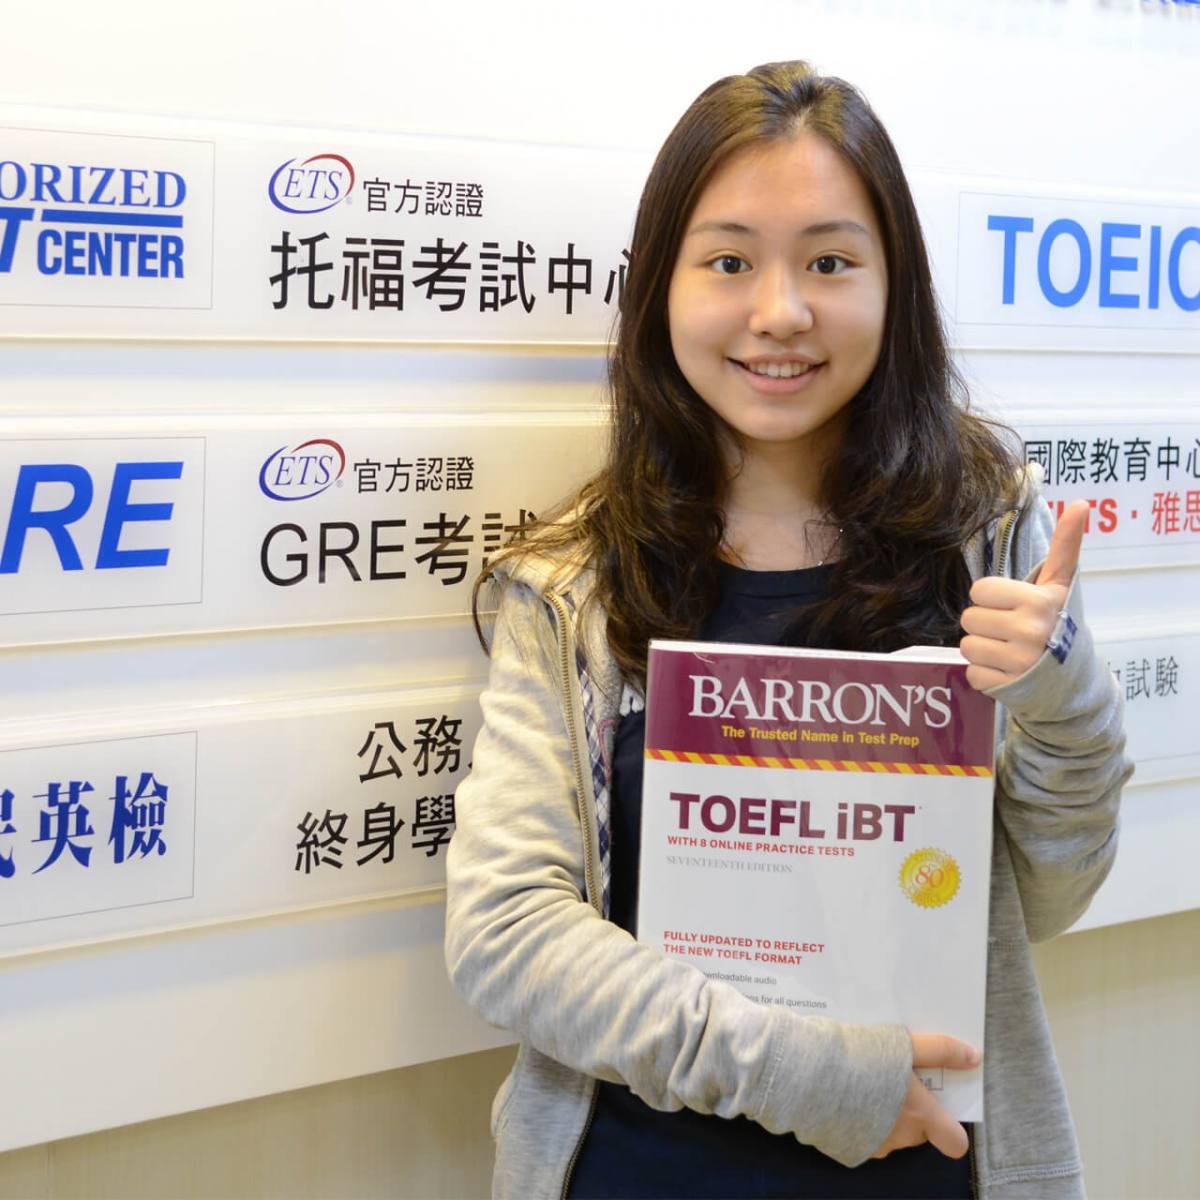 #托福準備 #托福閱讀 #托福寫作 #TOEFL #線上托福